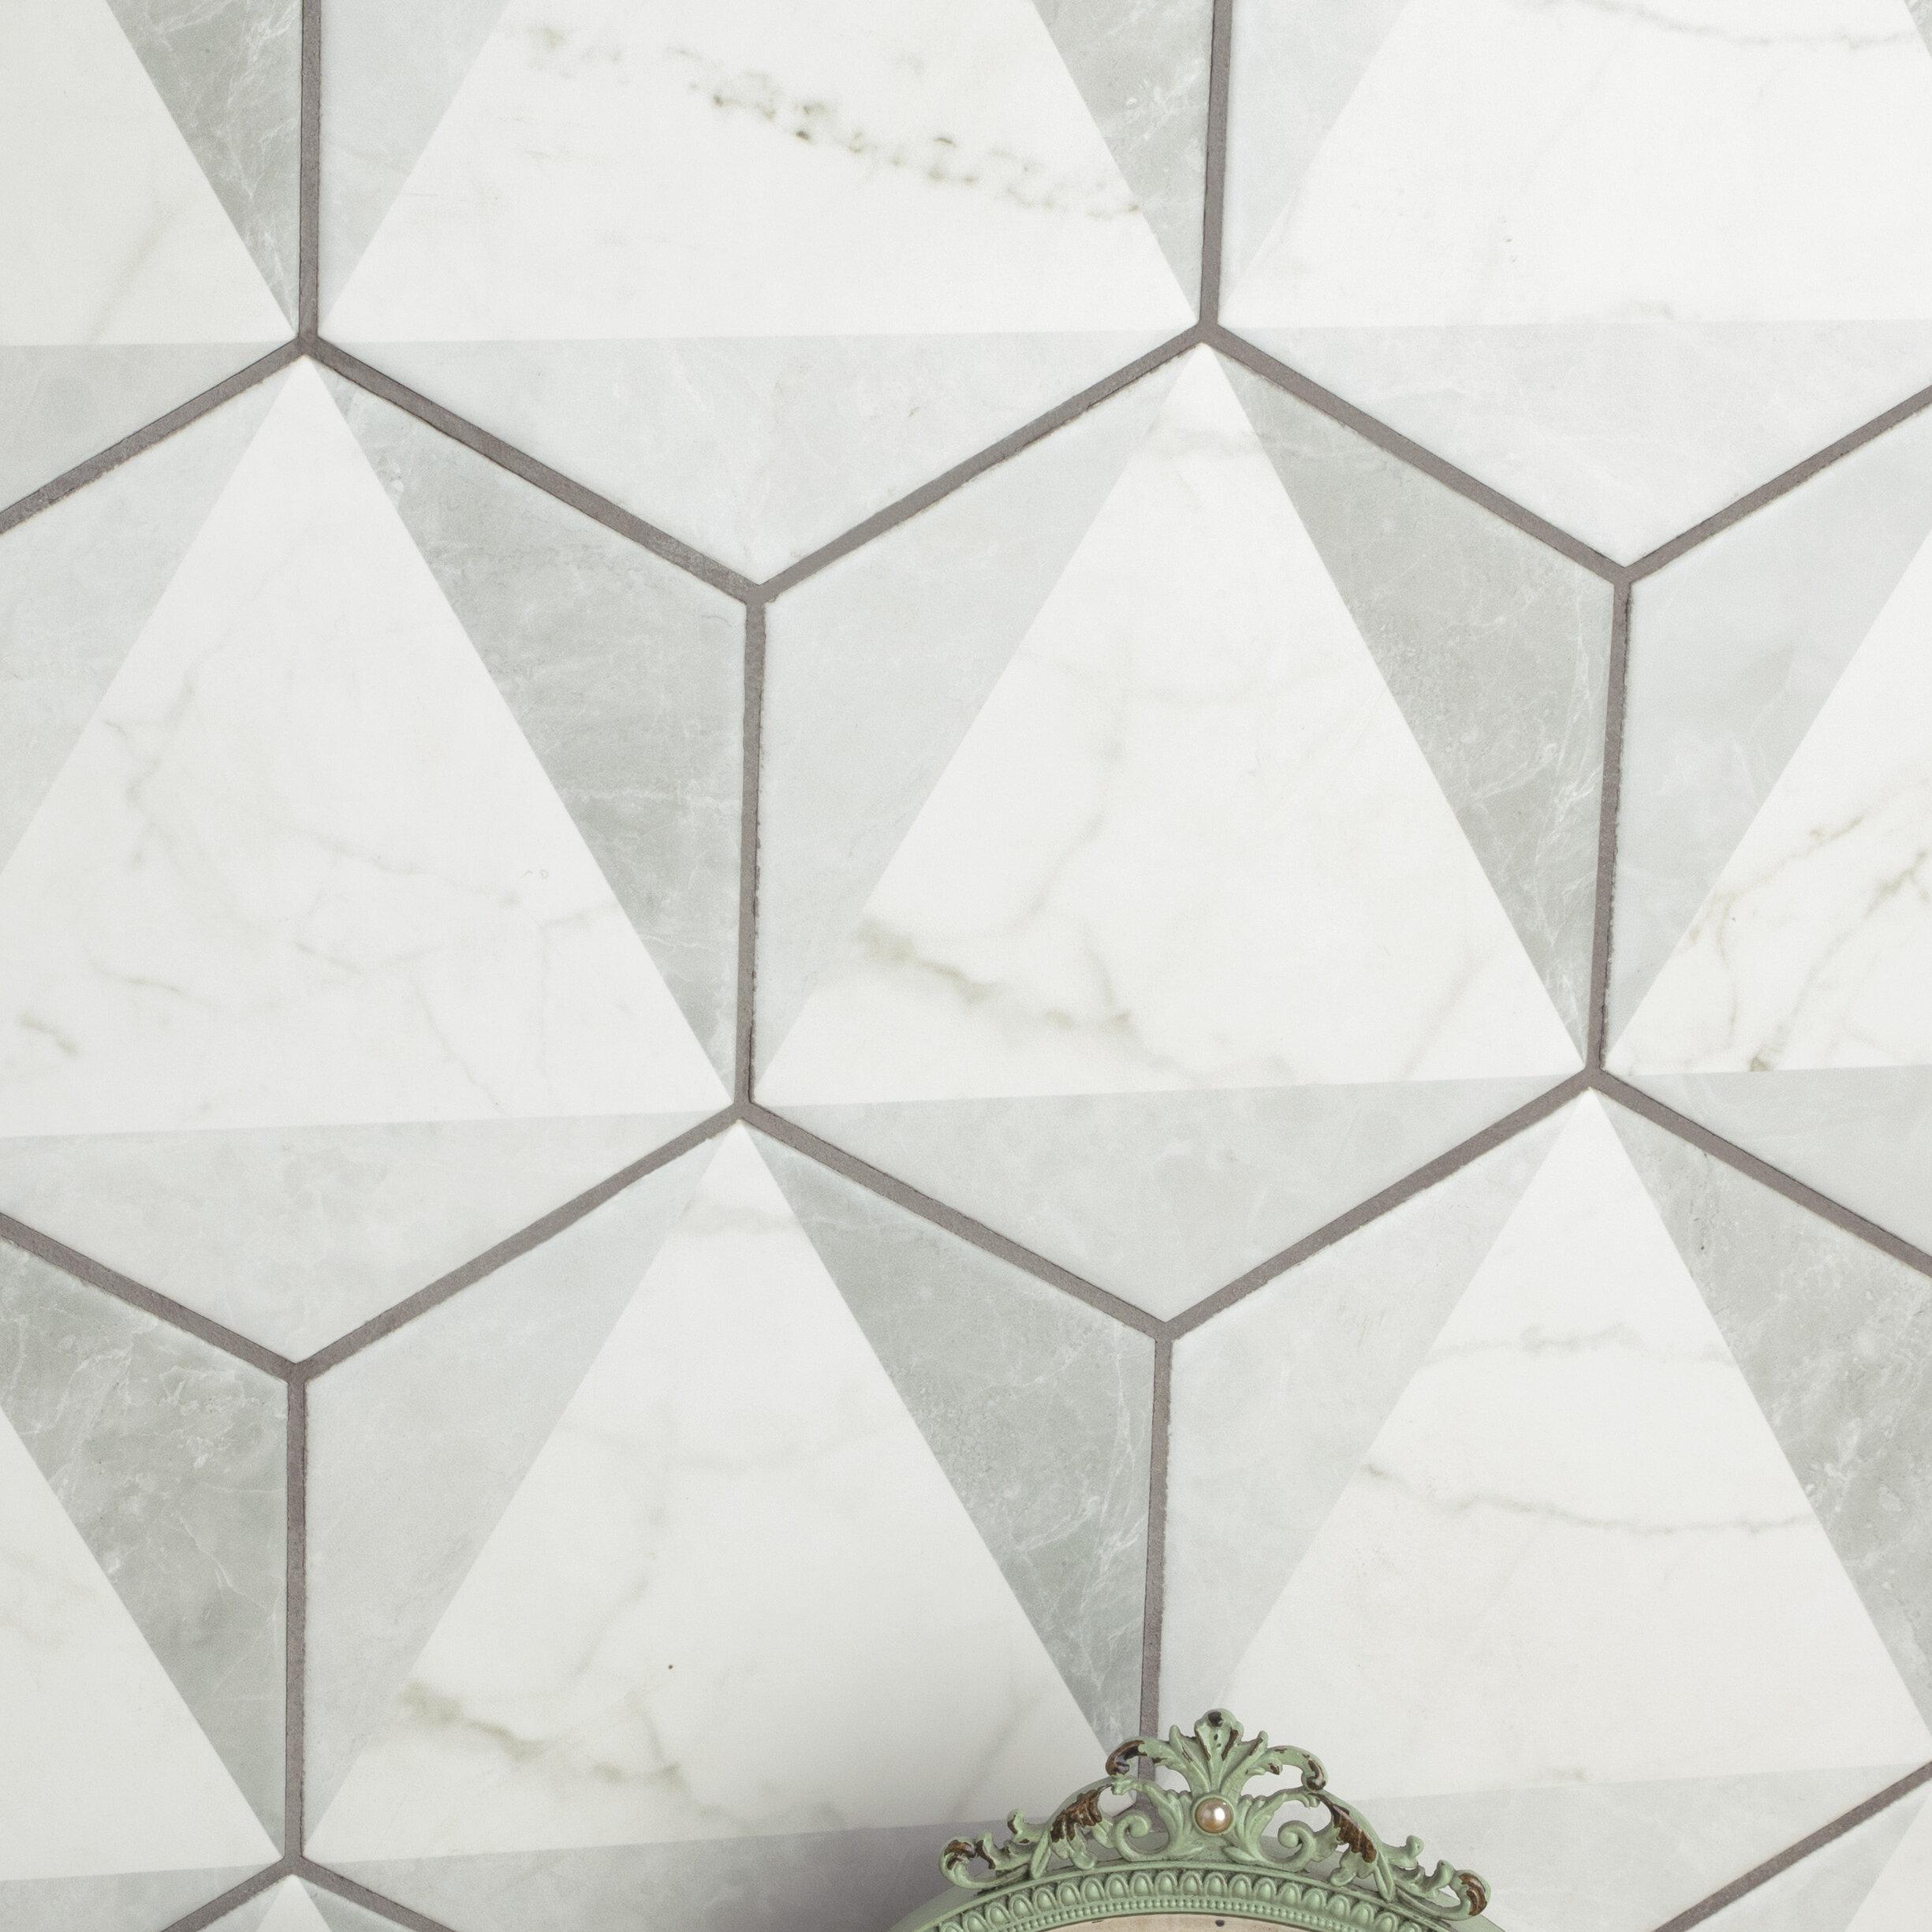 Elitetile karra 7 x 8 porcelain field tile in white gray reviews wayfair